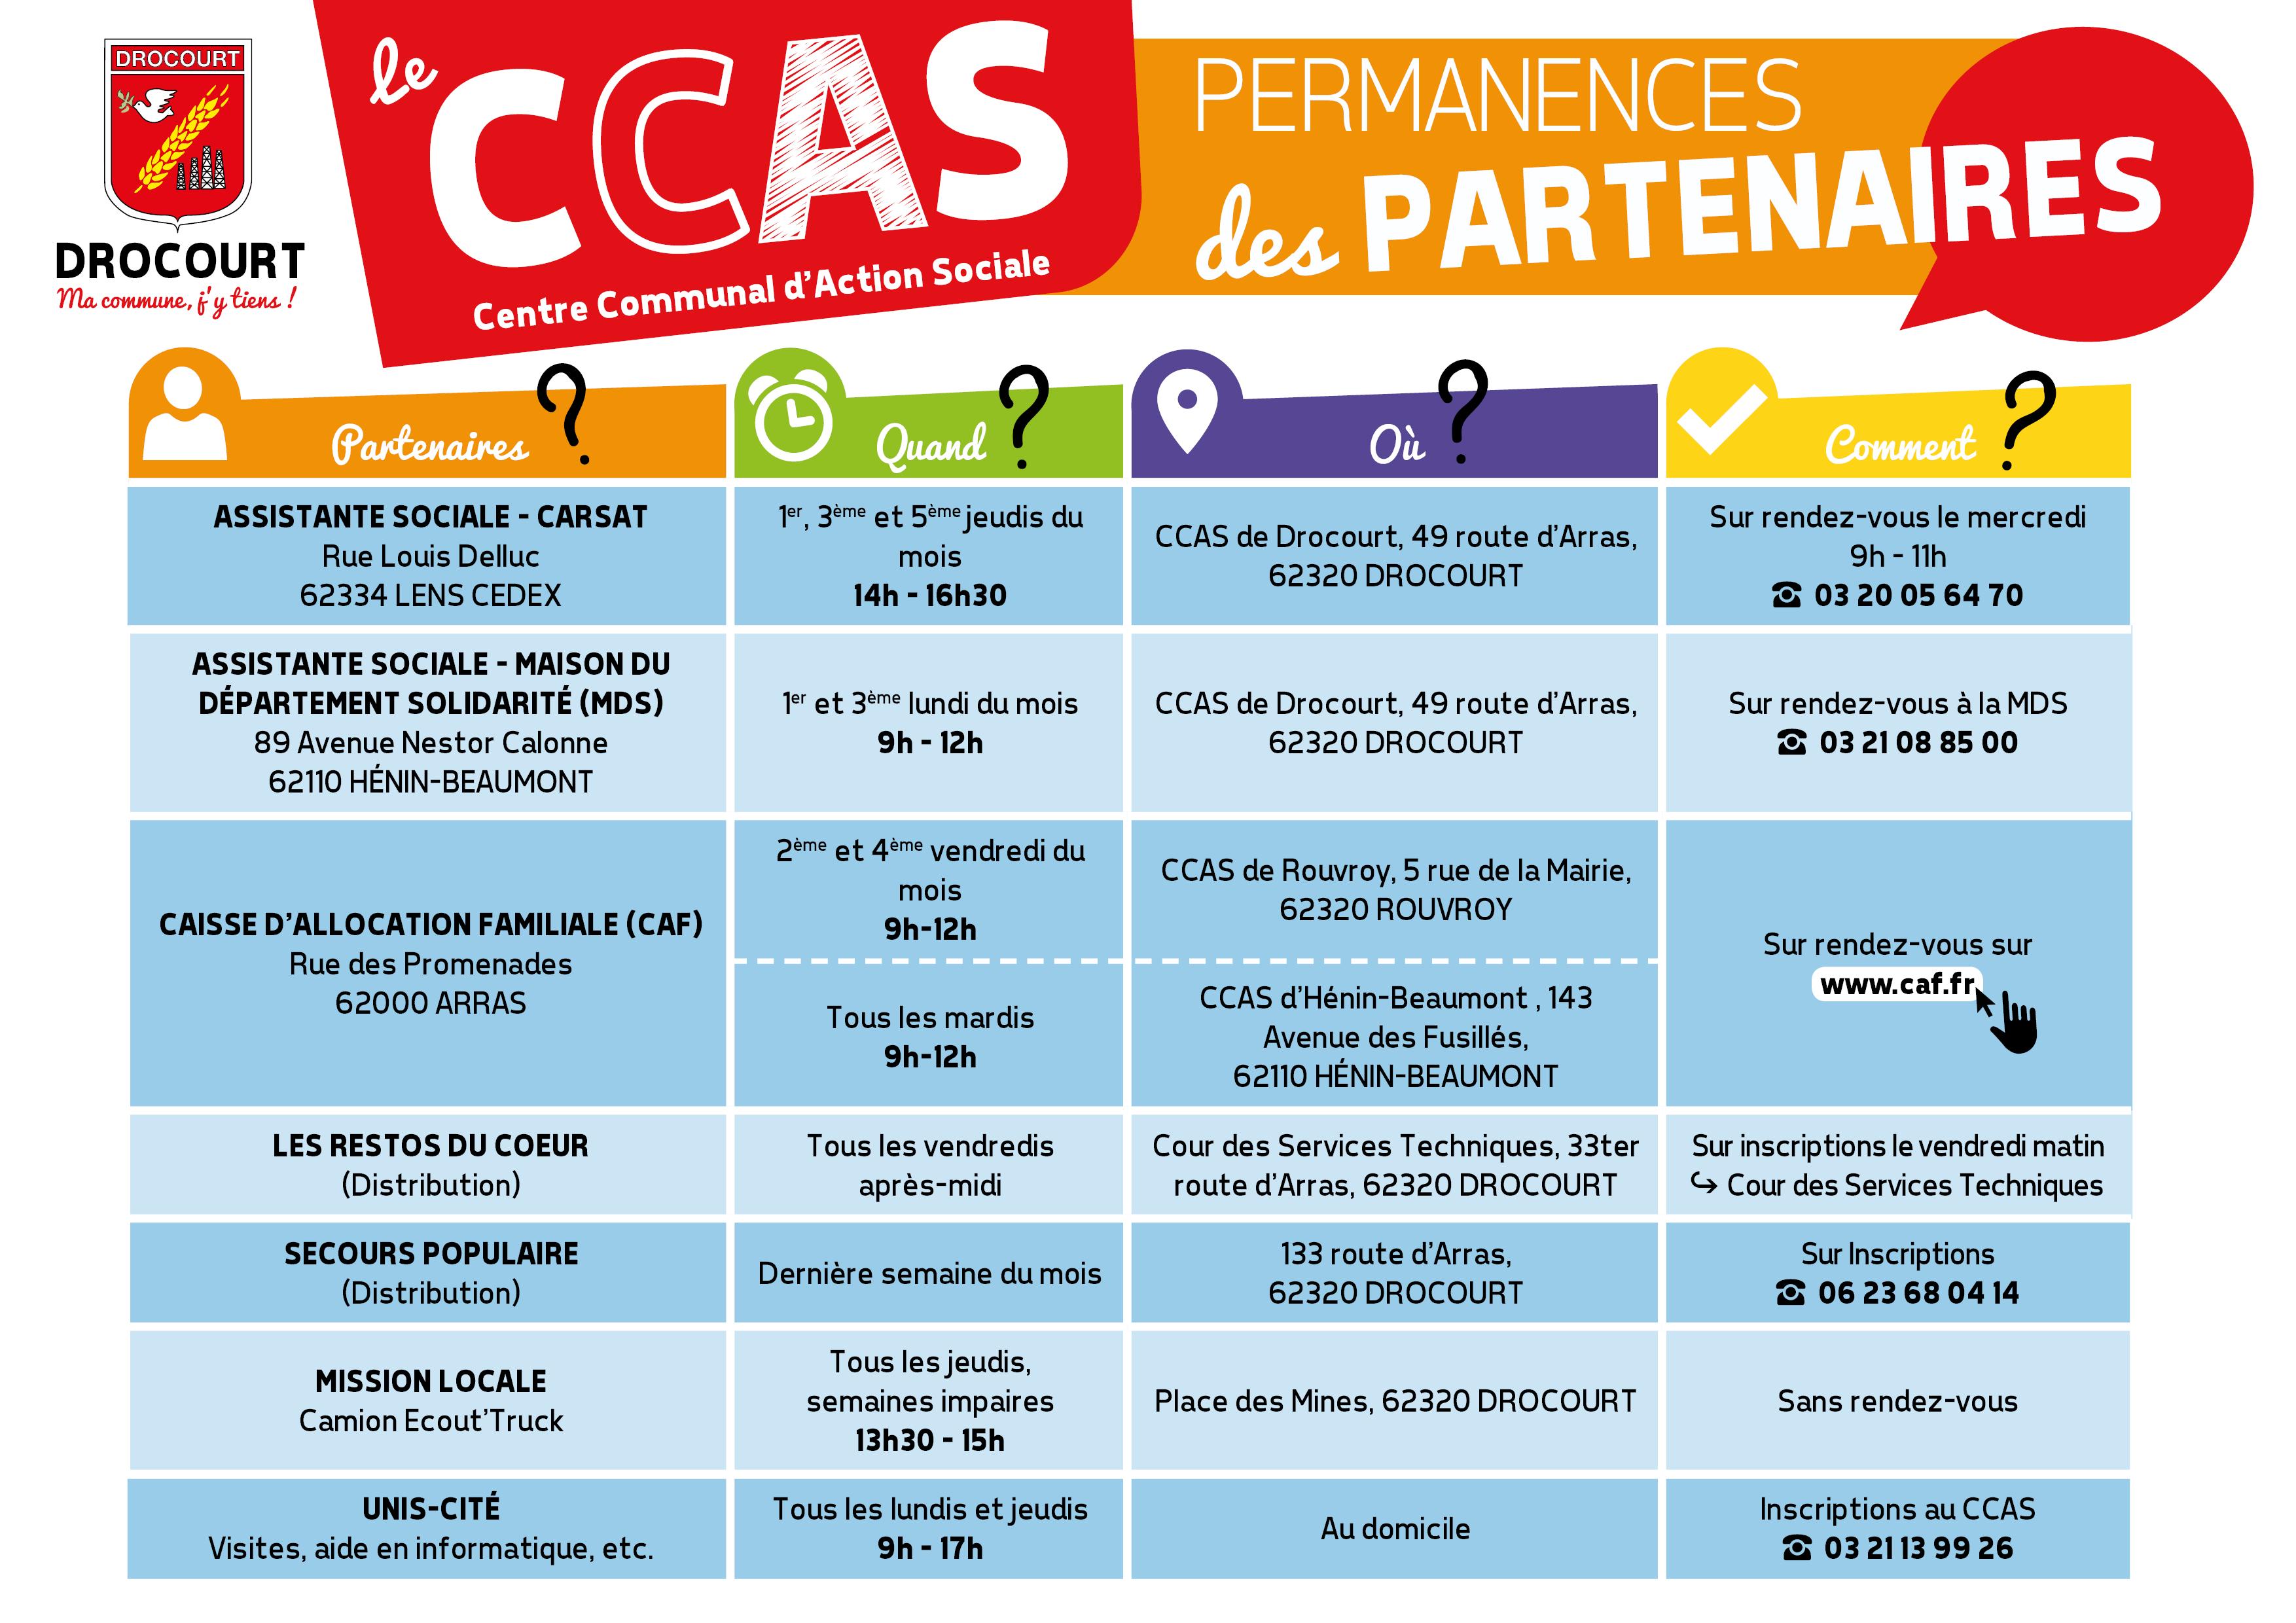 CCAS_Drocourt_permanences.png